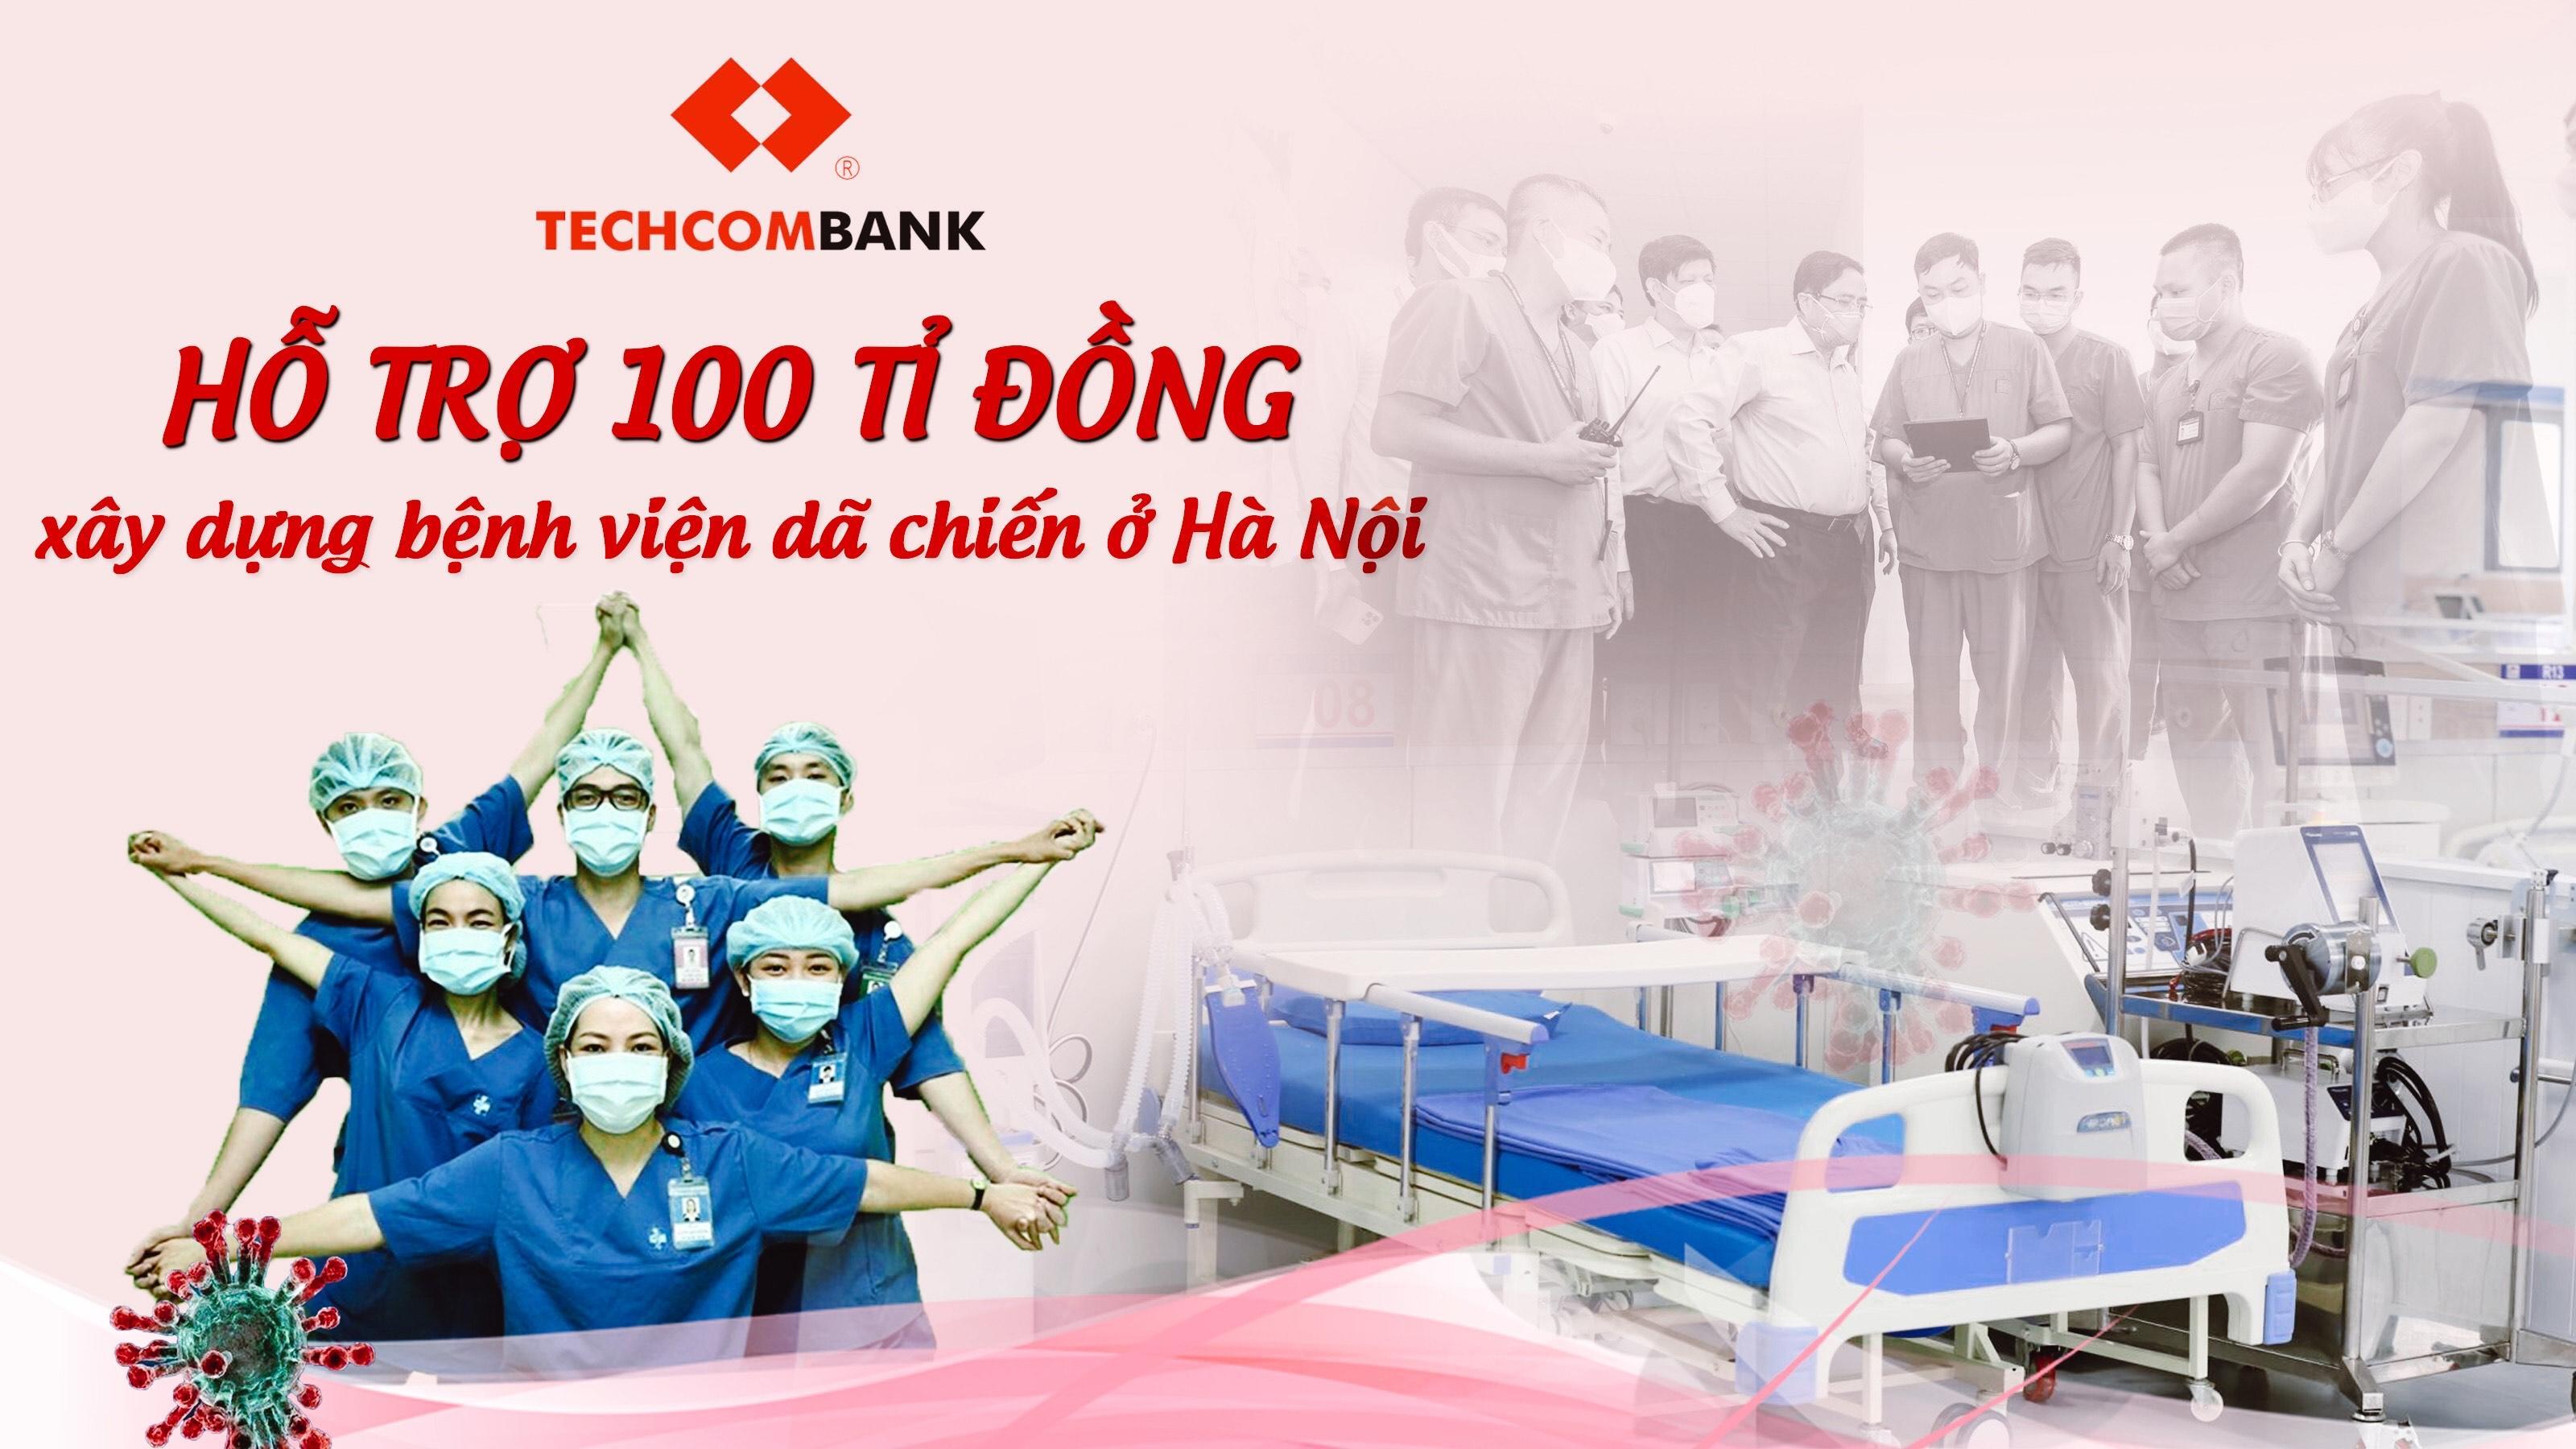 Techcombank hỗ trợ 100 tỉ đồng xây dựng bệnh viện dã chiến ở Hà Nội